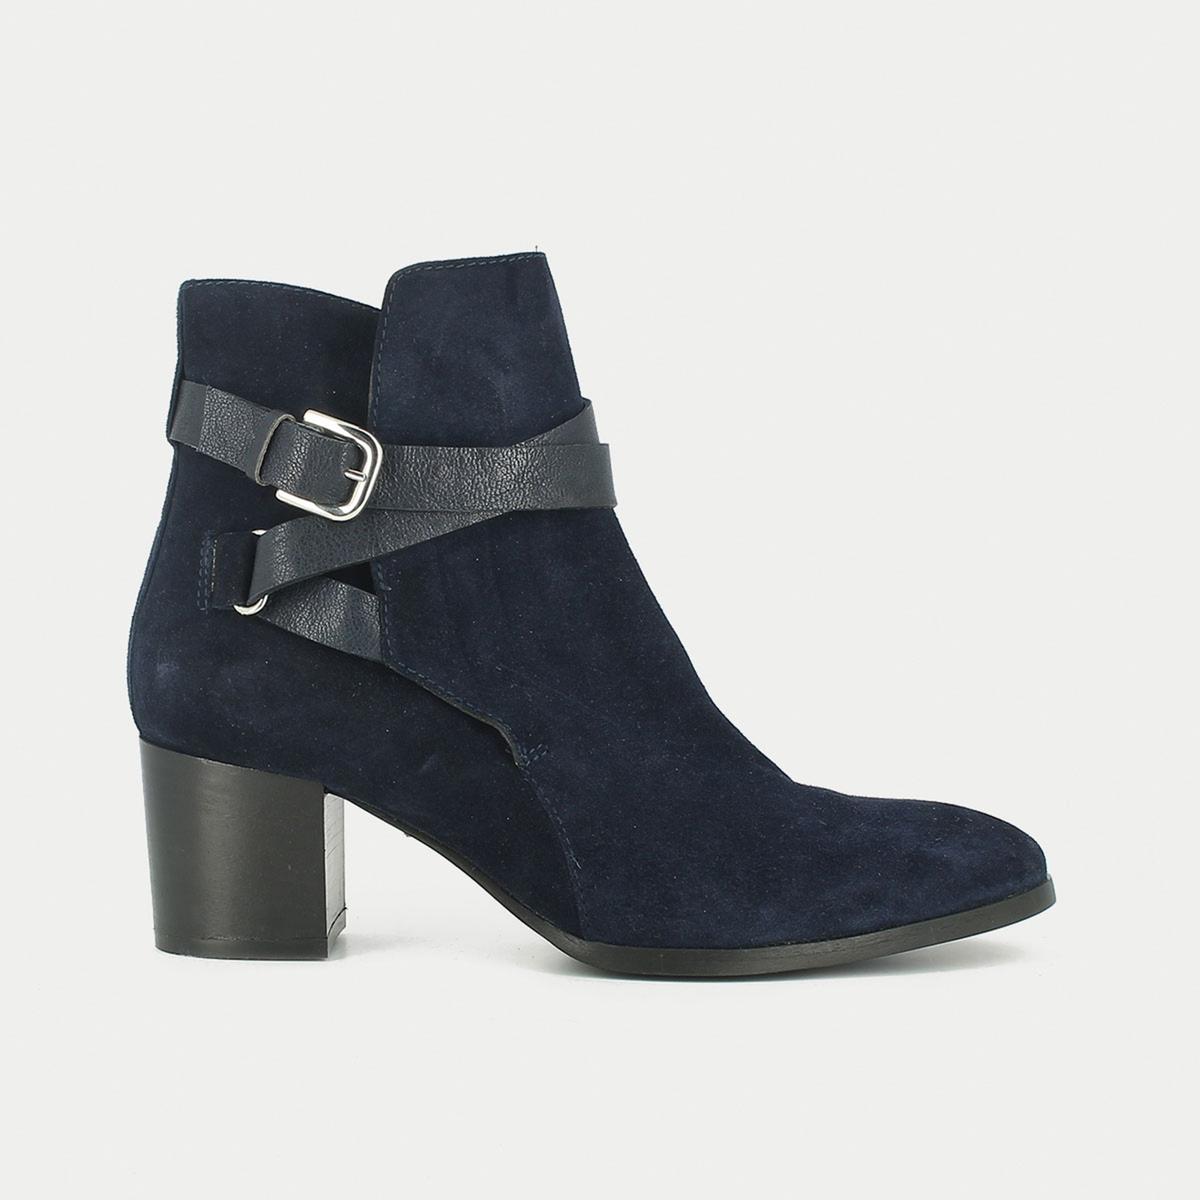 Ботильоны кожаные на каблуке MaddieМатериал внешний/внутрений : Кожа         Подкладка : Кожа   Стелька: Кожа   Подошва: эластомер    Высота каблука: 13 смВысота каблука: 8 смФорма каблука : ШирокийНосок : ЗакругленныйЗастежка: Застежка на молнию<br><br>Цвет: темно-синий<br>Размер: 38